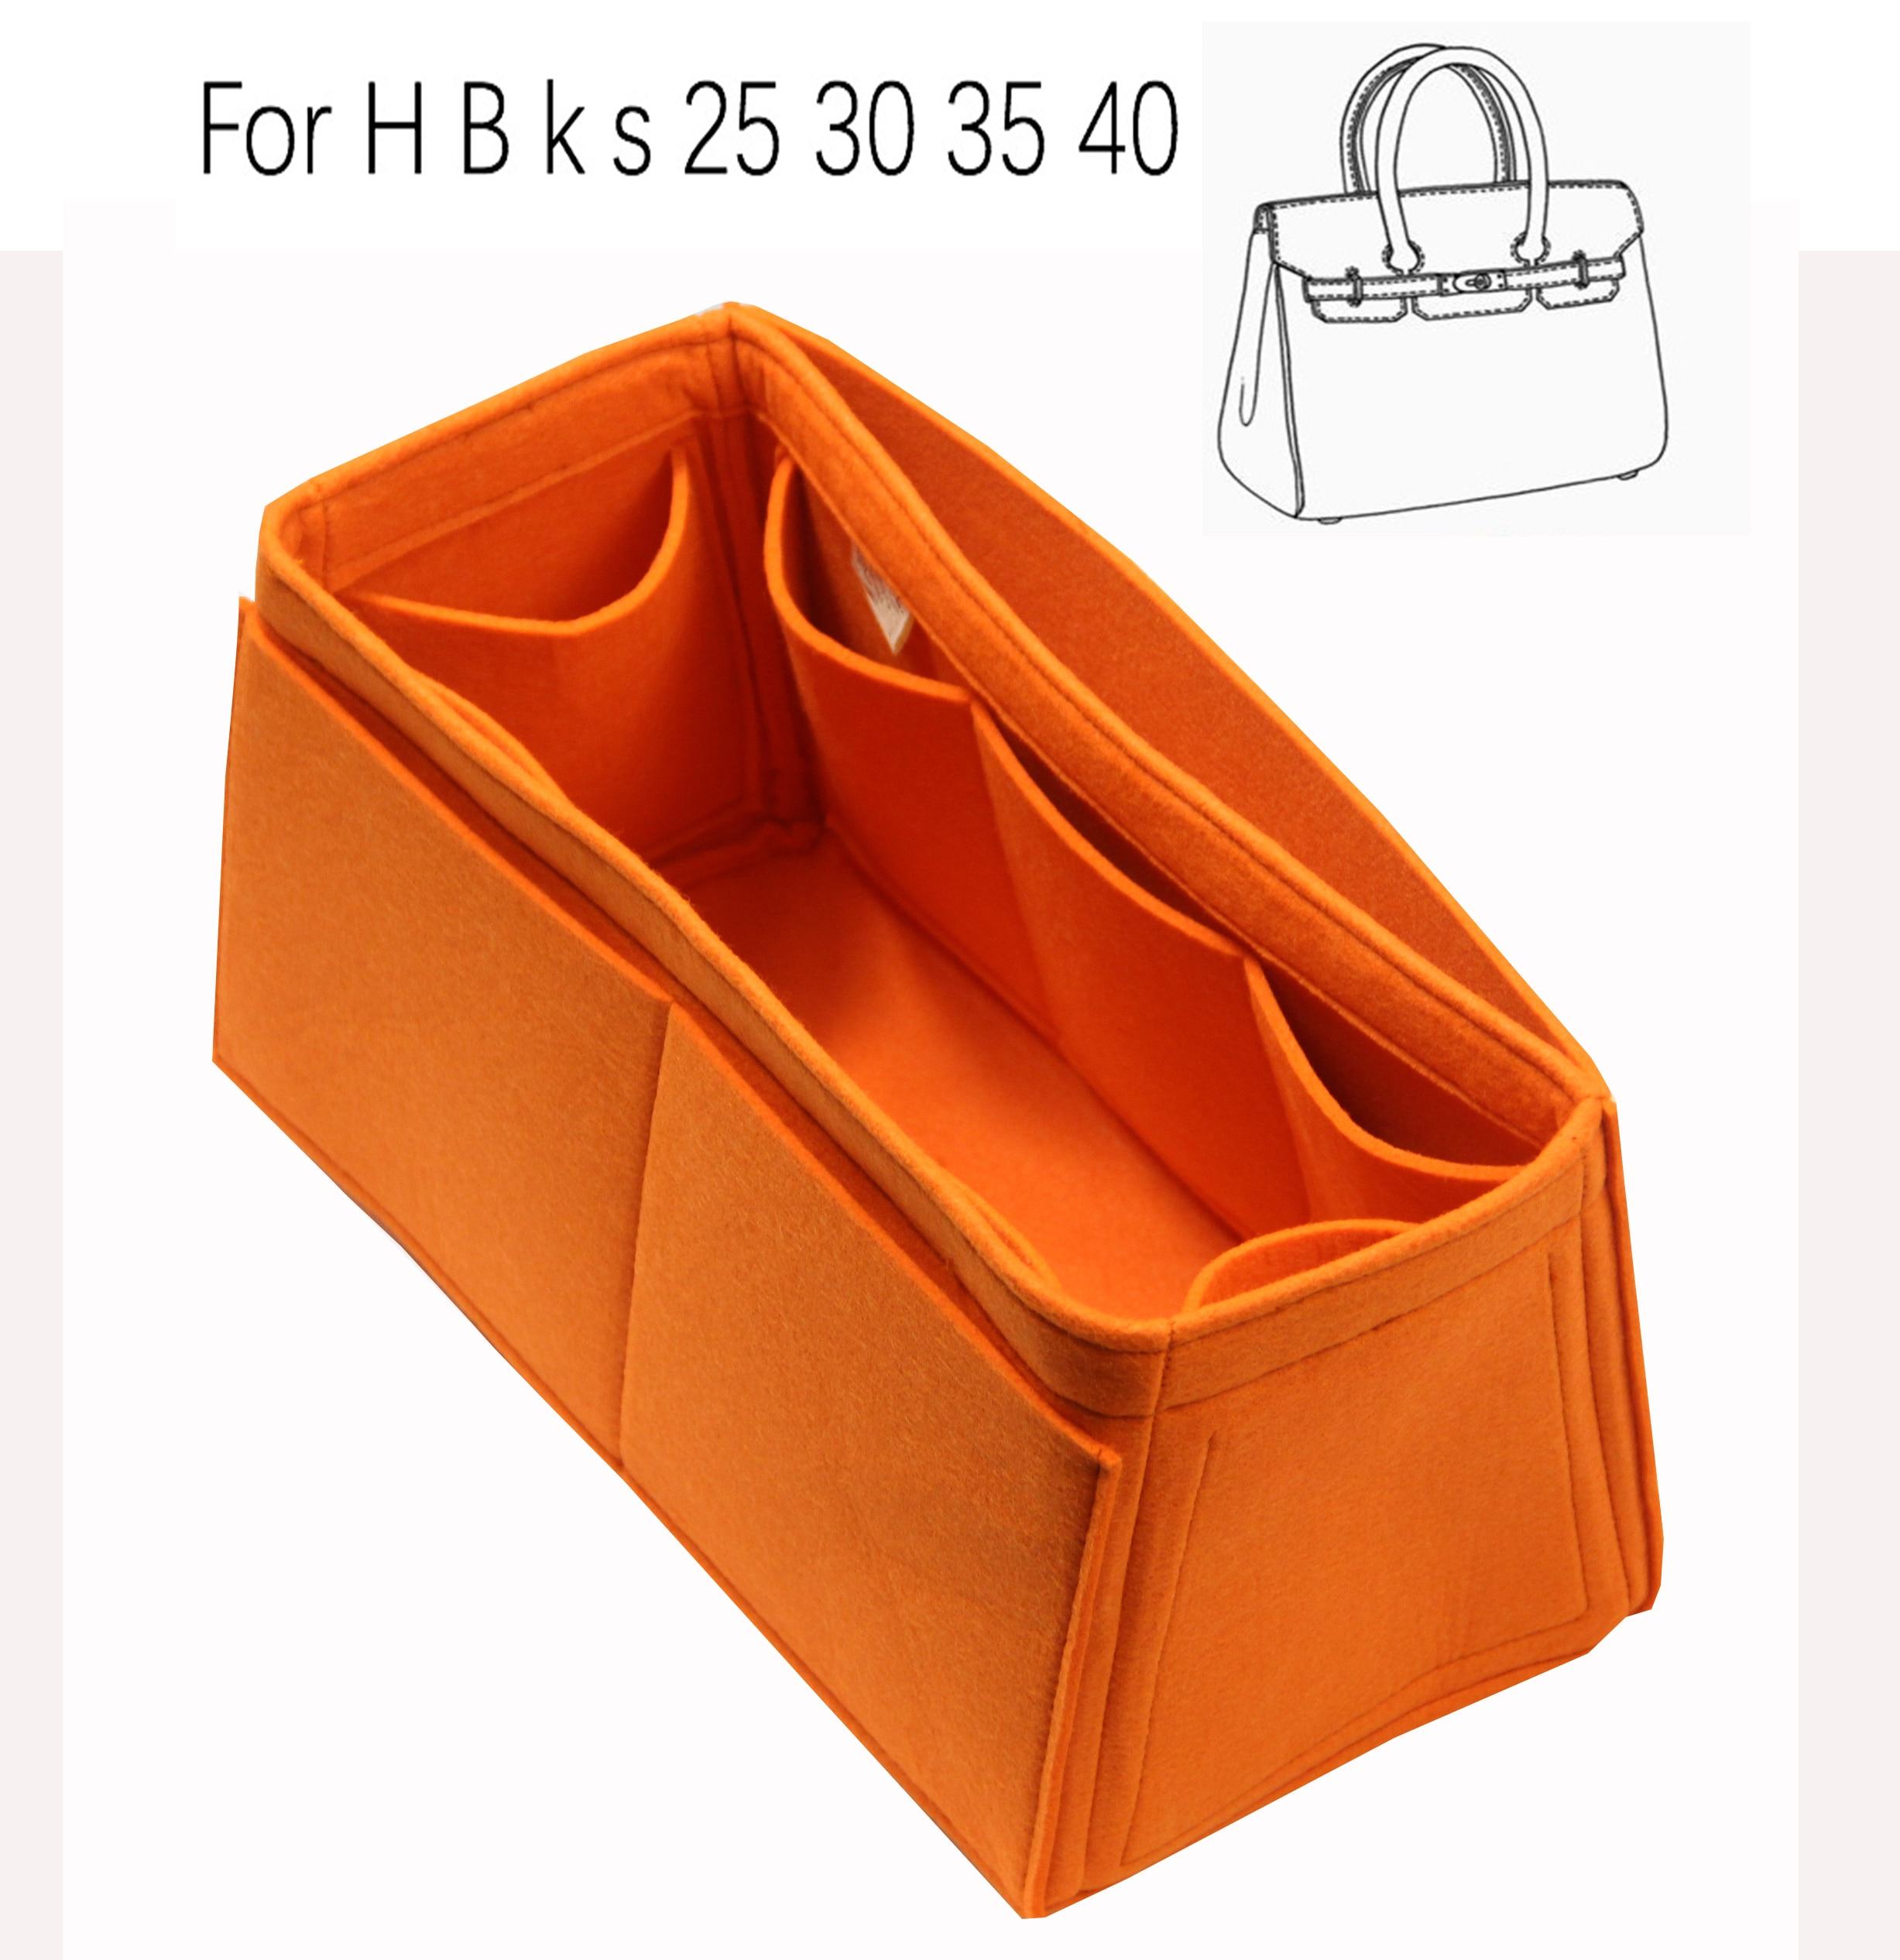 Для H 25 Бир 30 k s 35, 40 ручной работы 3 мм фетровая Вставка сумки Органайзер для макияжа Сумки из натуральной кожи организовать Портативный Косм...